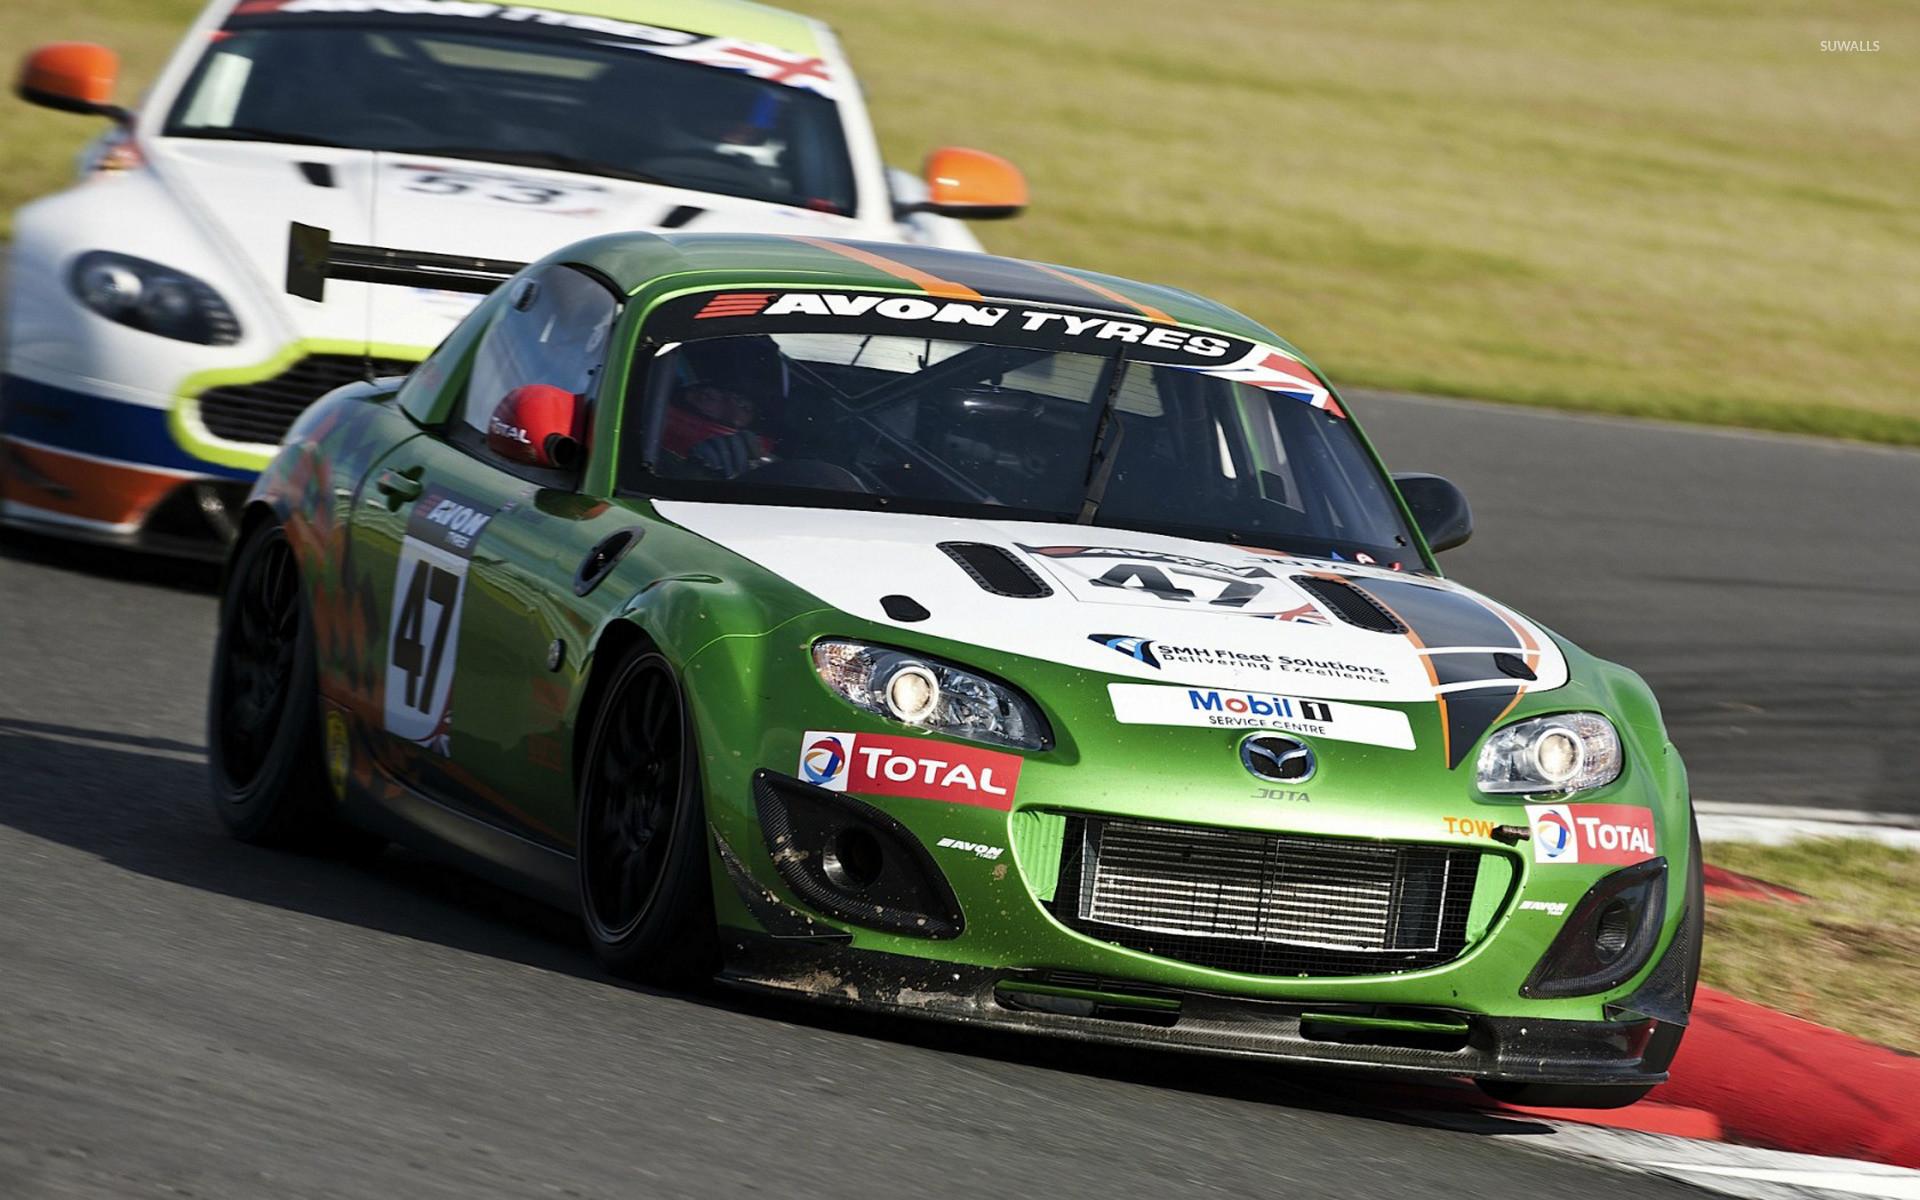 Res: 1920x1200, Mazda MX-5 racing car wallpaper